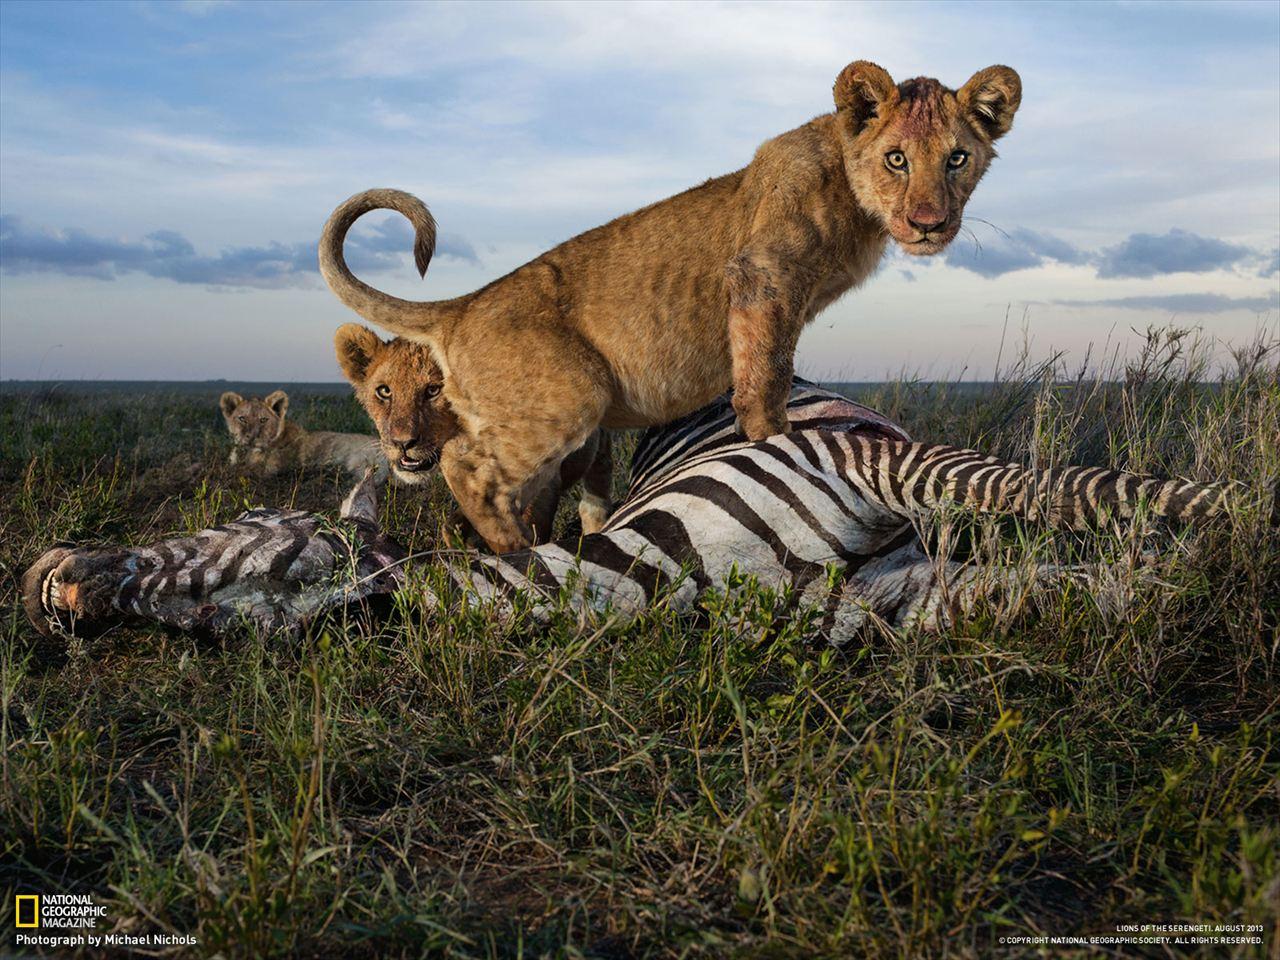 肉の味を覚えたライオンの子たち(タンザニア) | ナショナルジオグラフィック日本版サイト